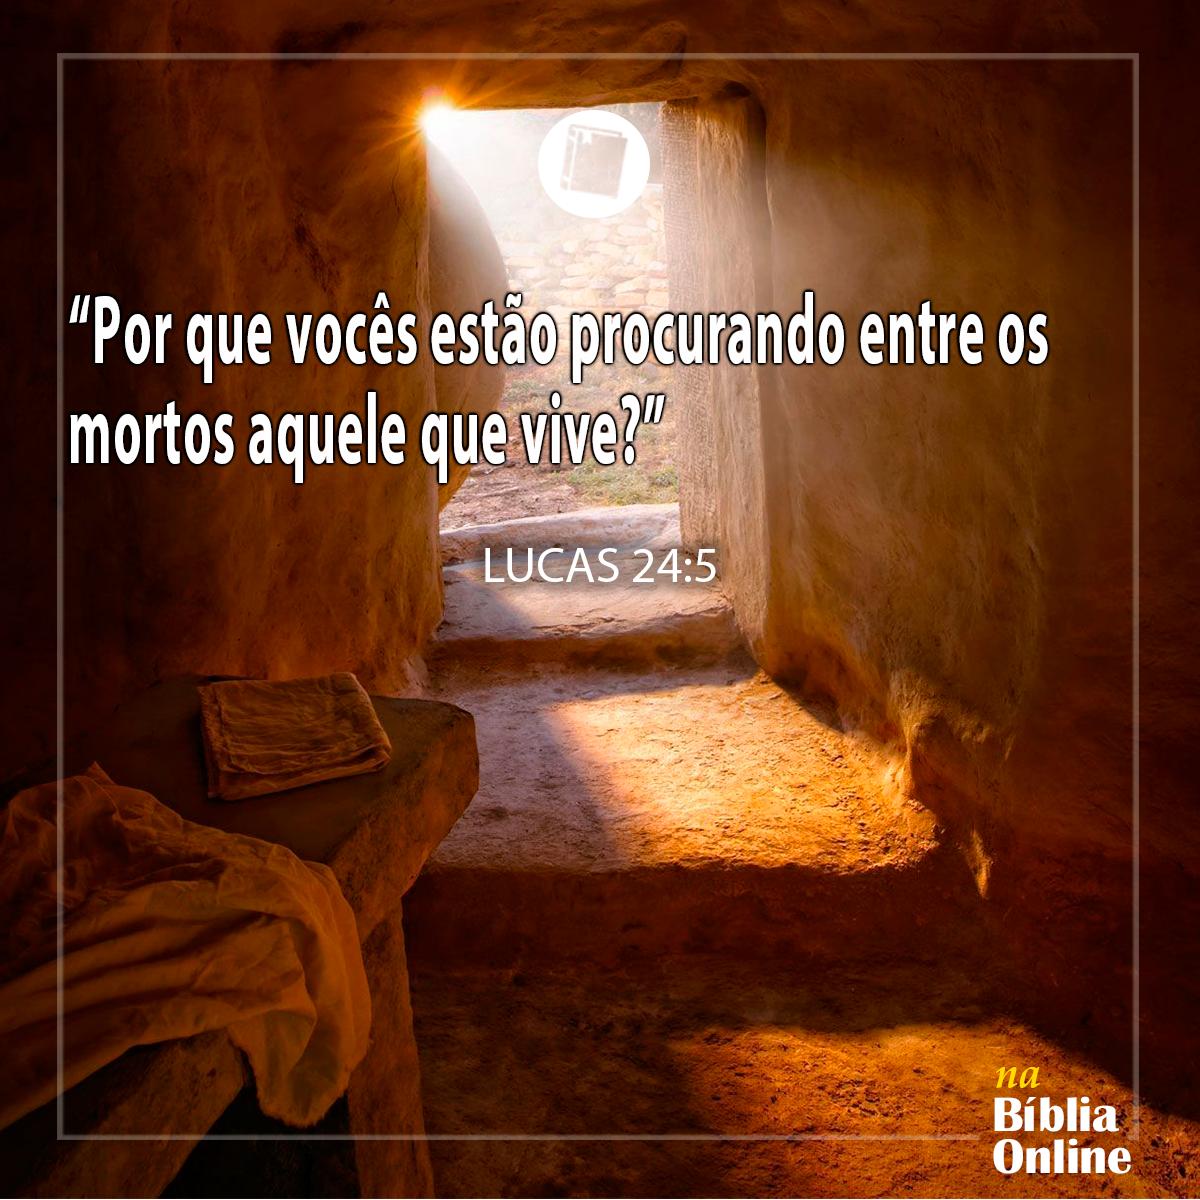 Lucas 24:5